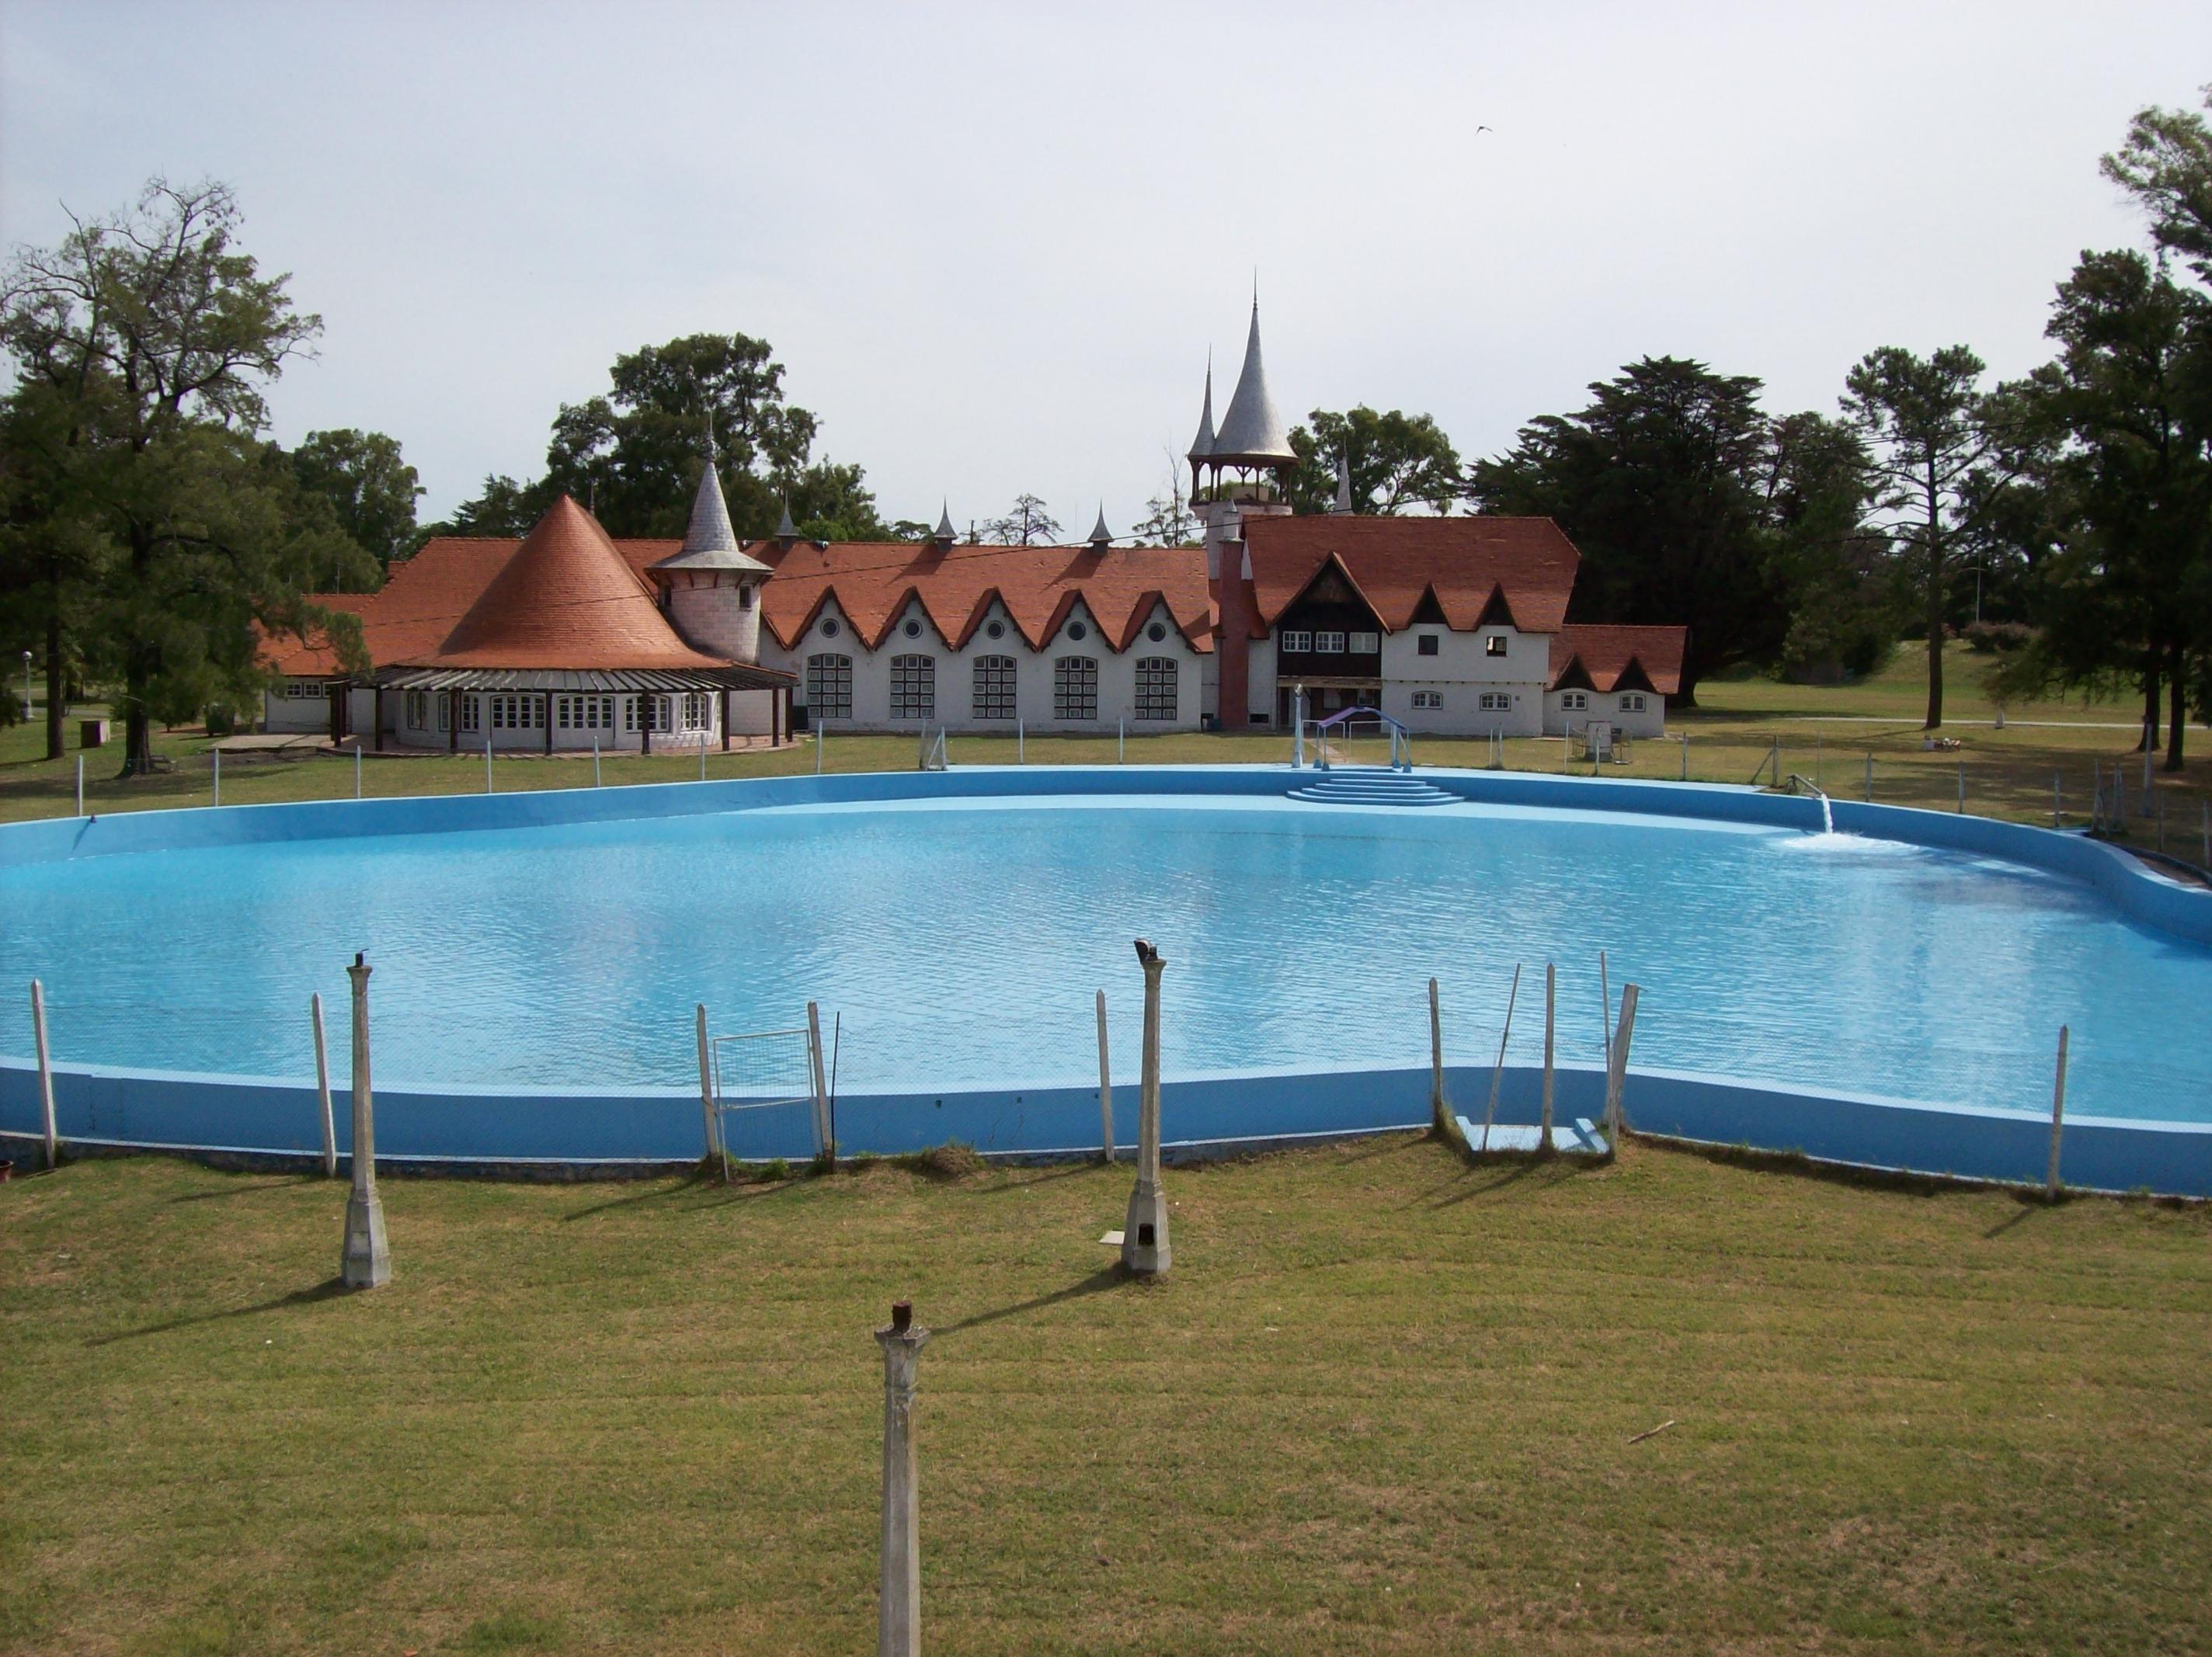 La messa a riposo della piscina prima dell 39 inverno prontopro for Piscinas dentro de casa